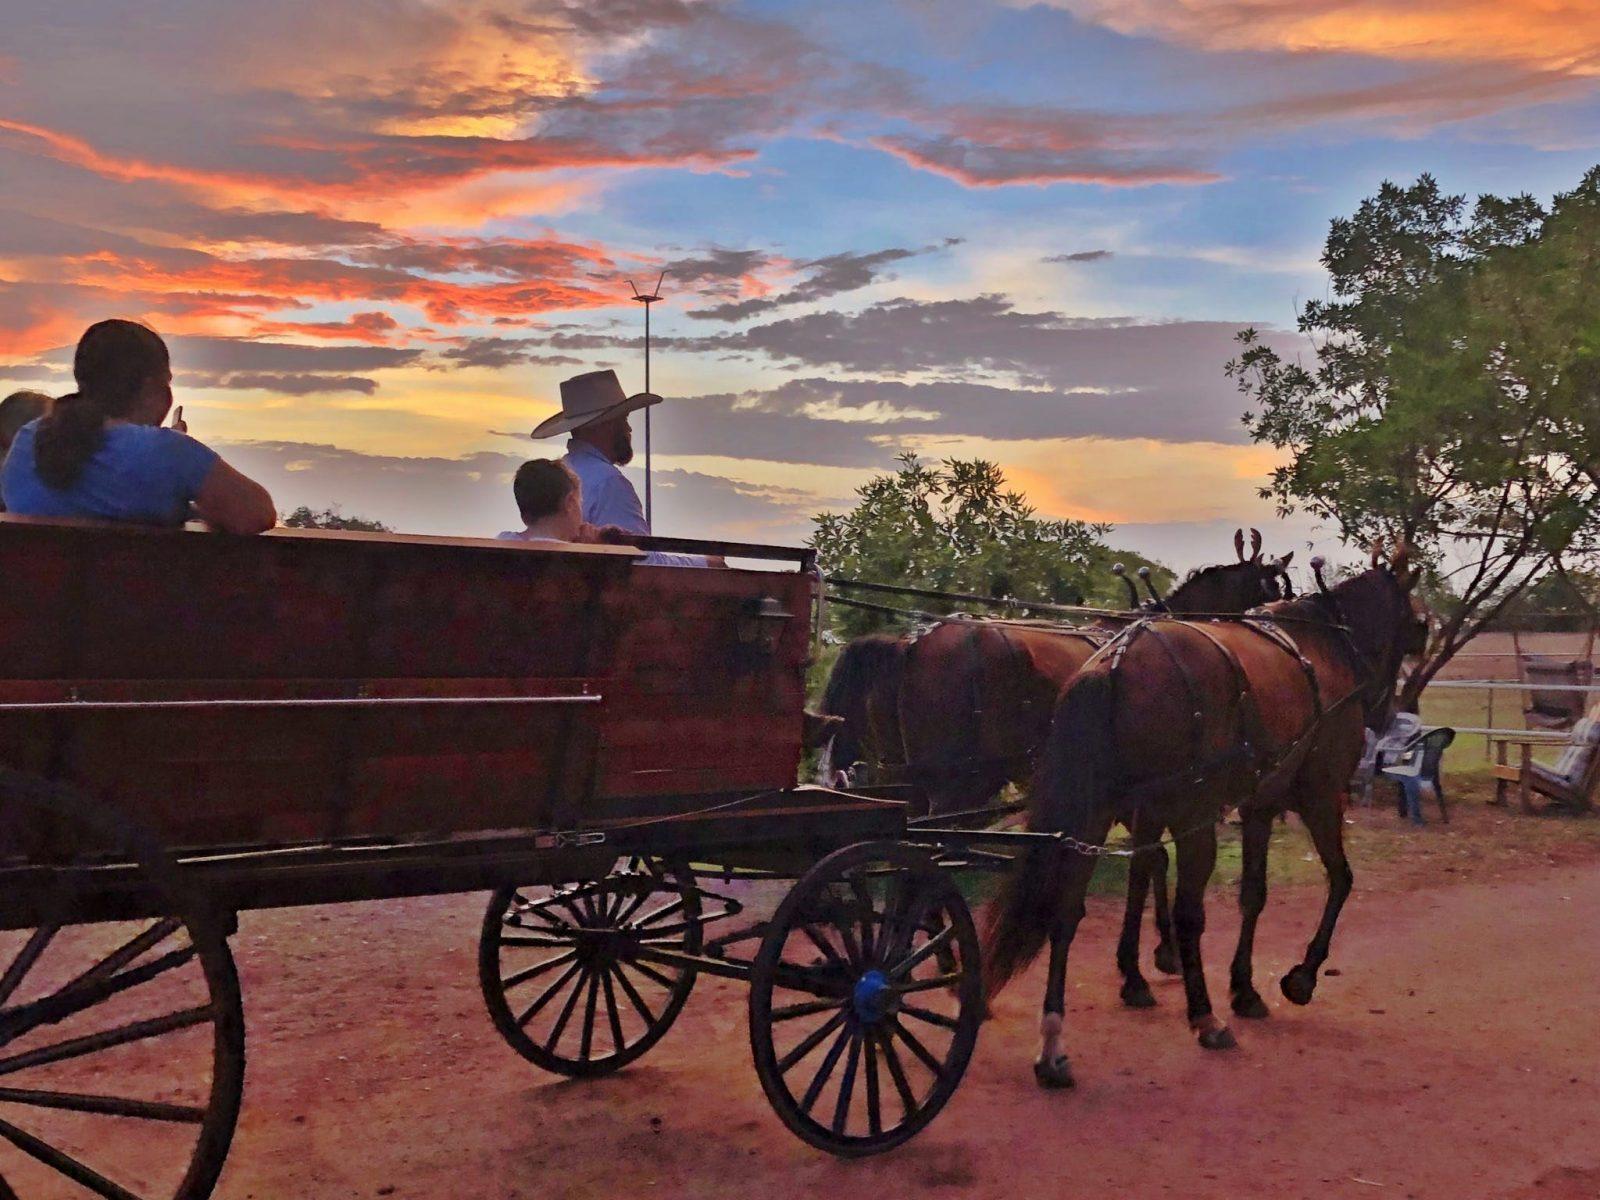 Darwin sightseeing at sunset